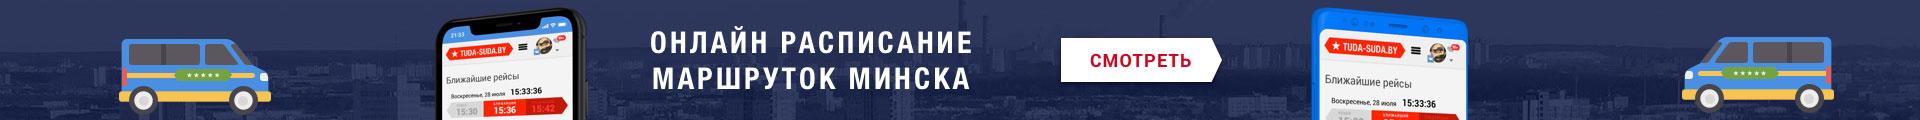 Онлайн расписание маршруток Минска